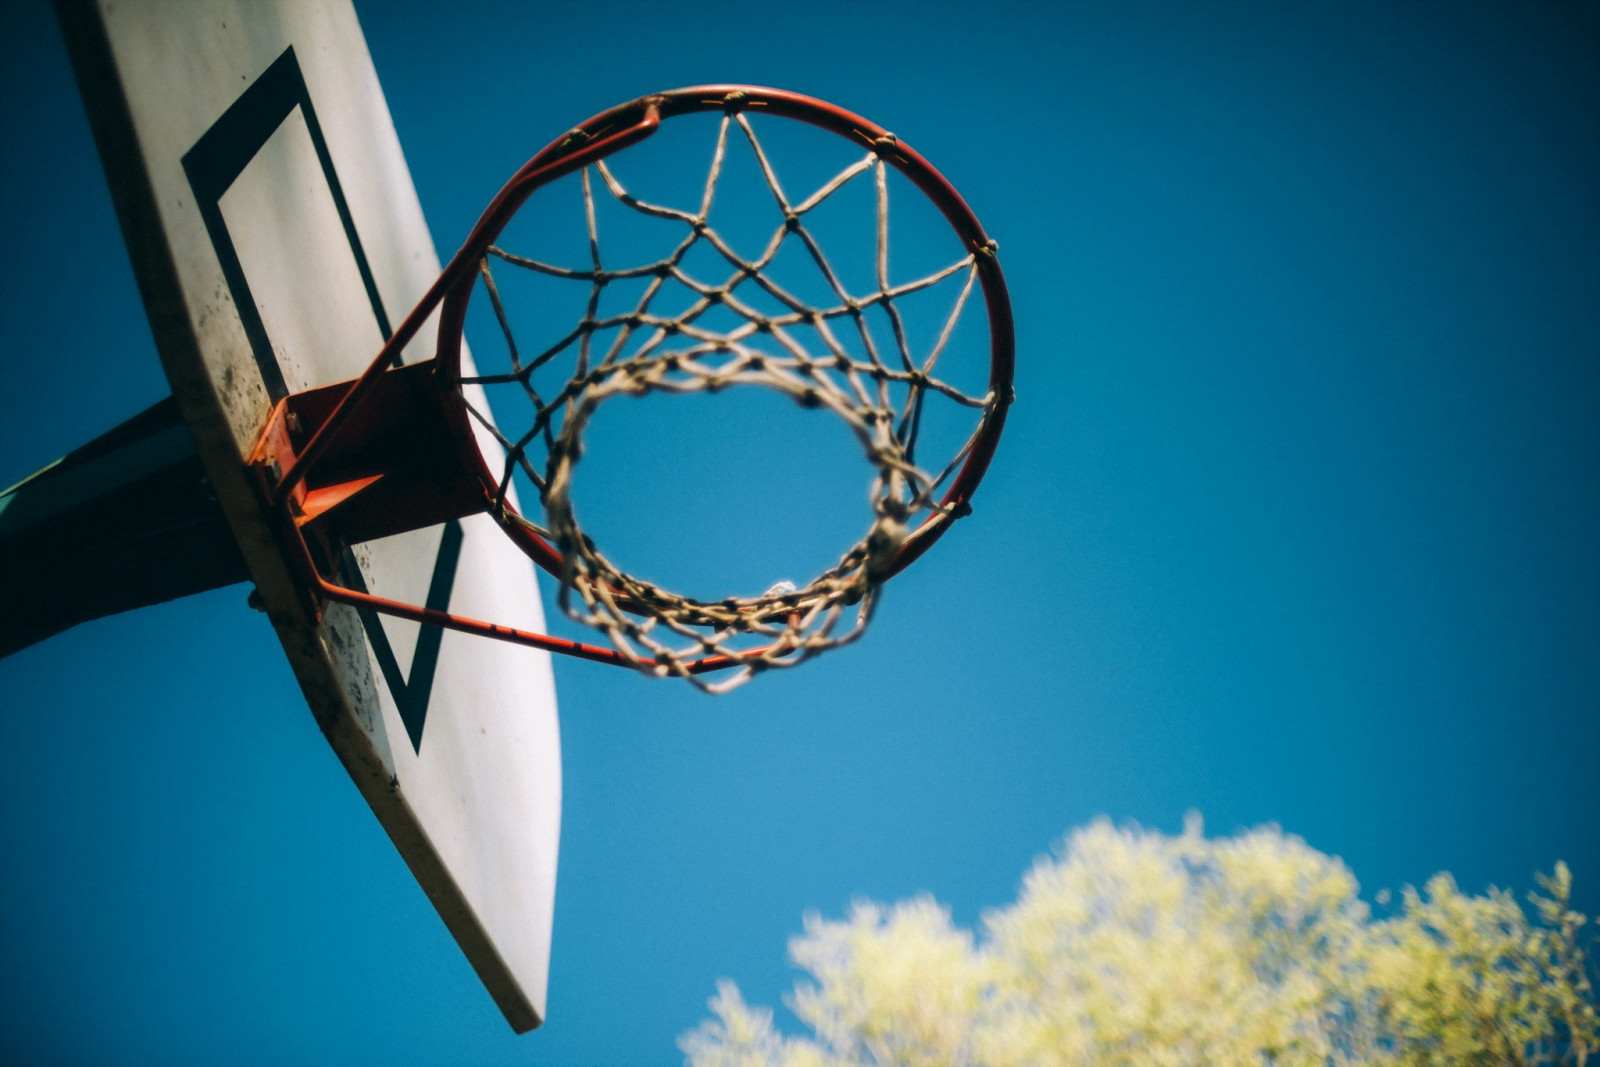 Hình ảnh bóng rổ chiều hoàng hôn